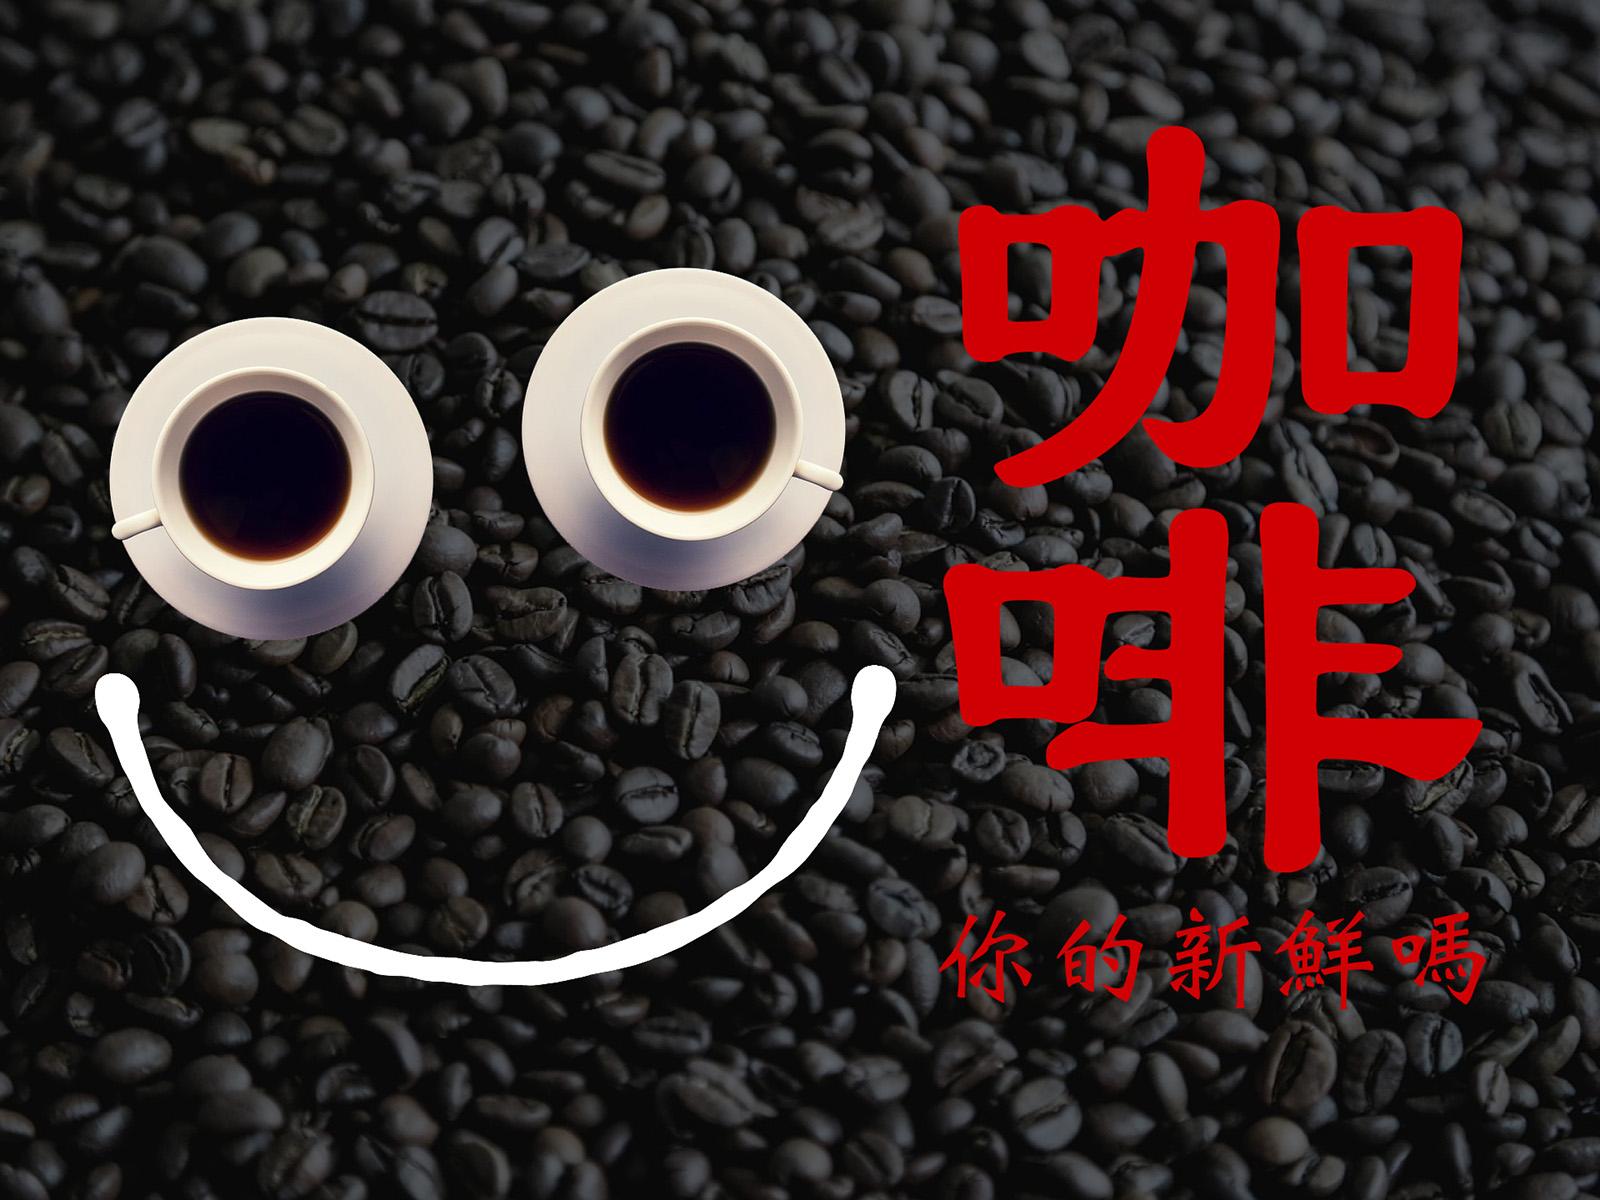 你知道喝了不新鮮的咖啡會怎樣嗎?腎小管細胞可能壞死